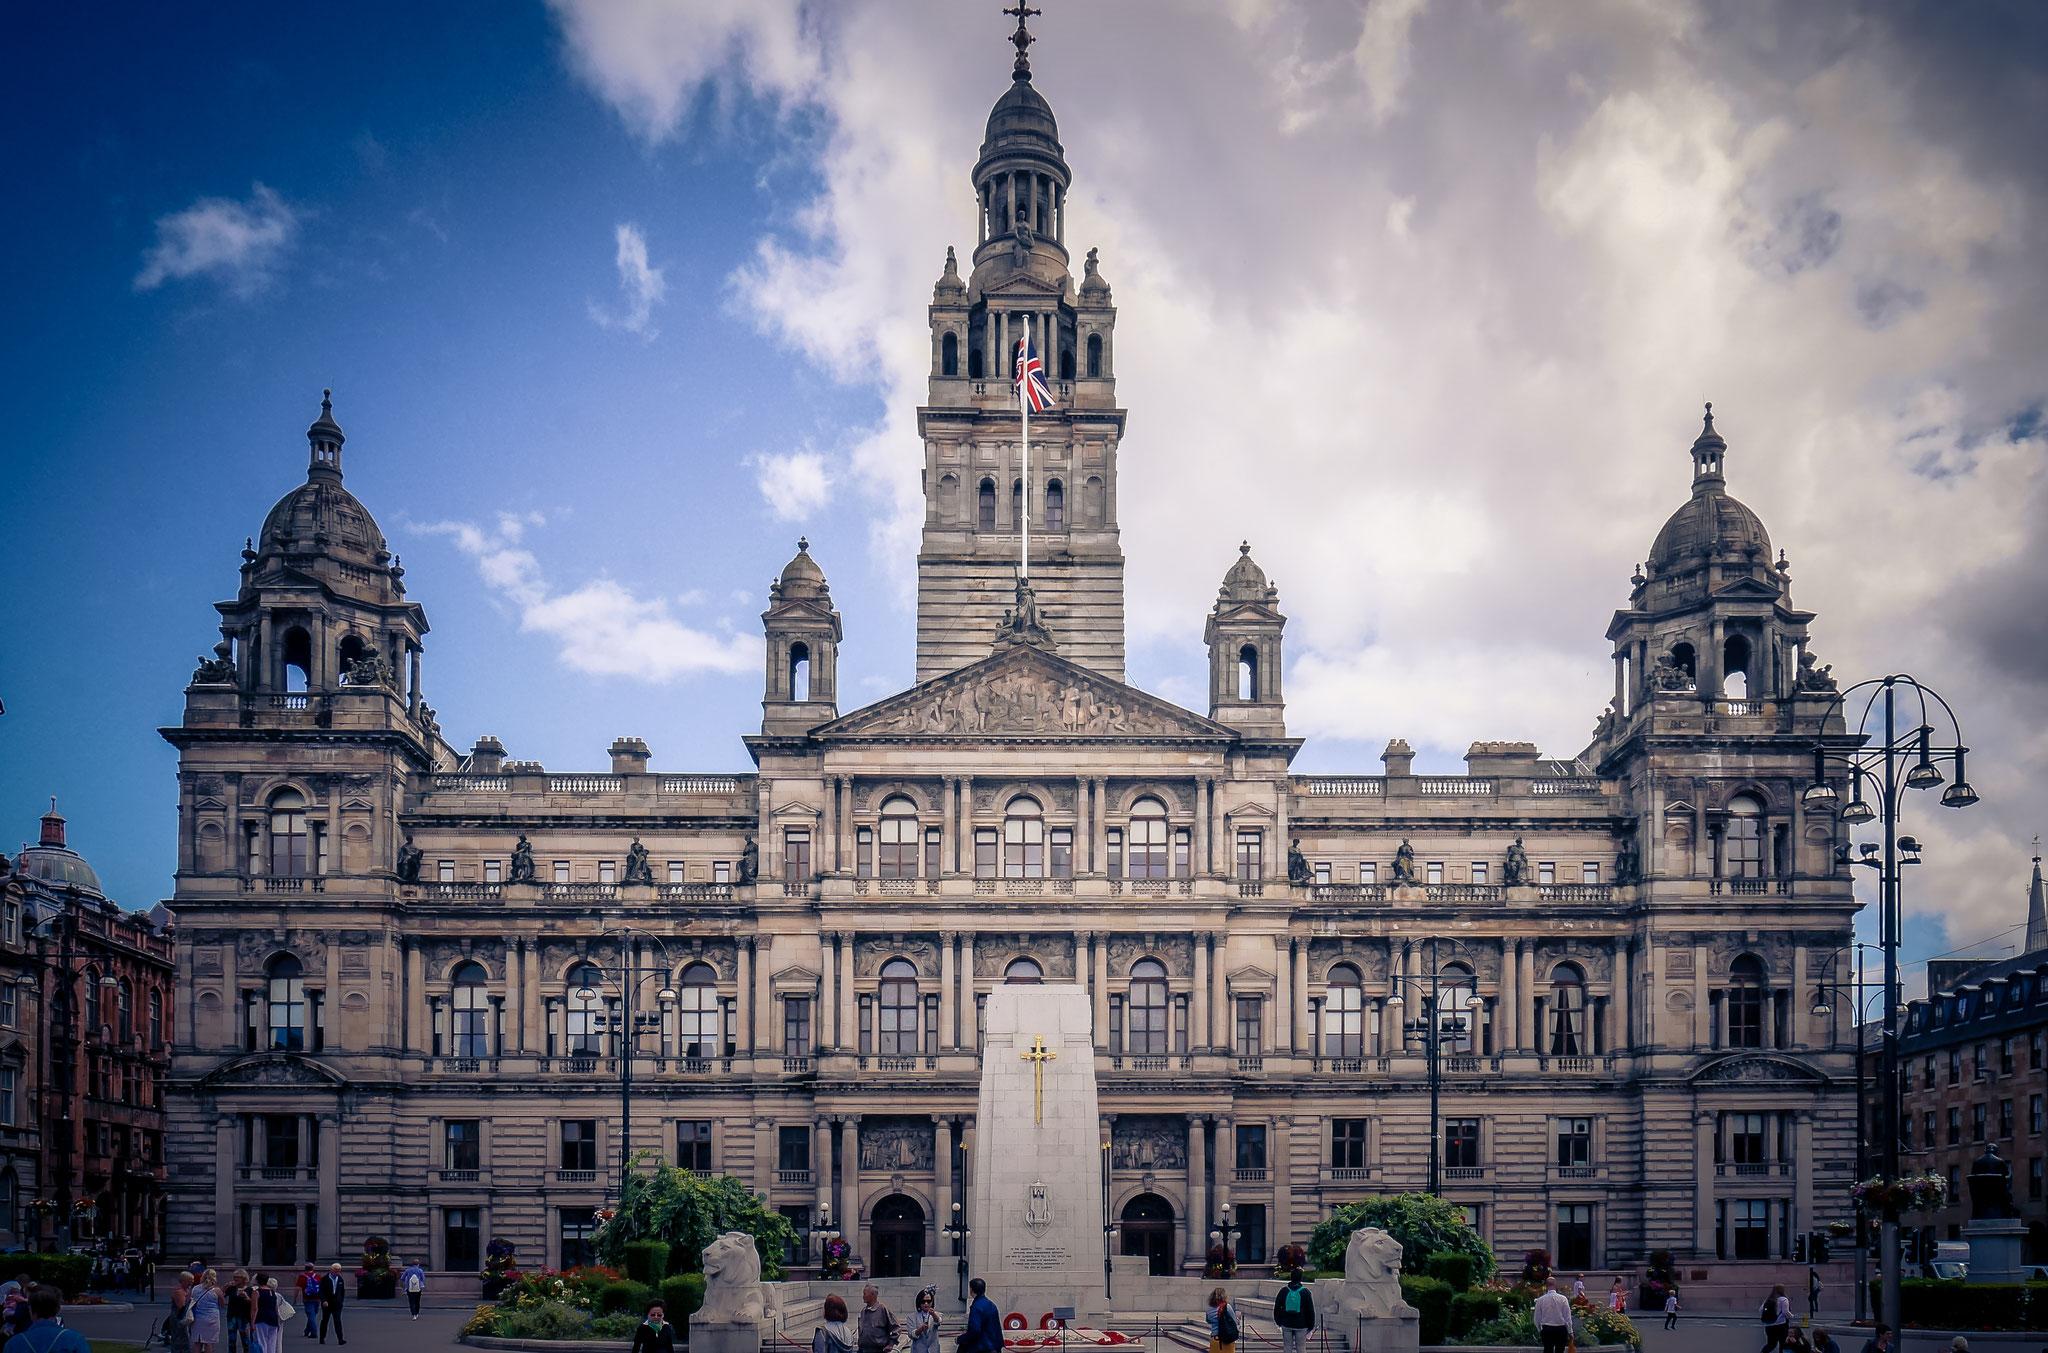 City Chambers - Rathaus von Glasgow